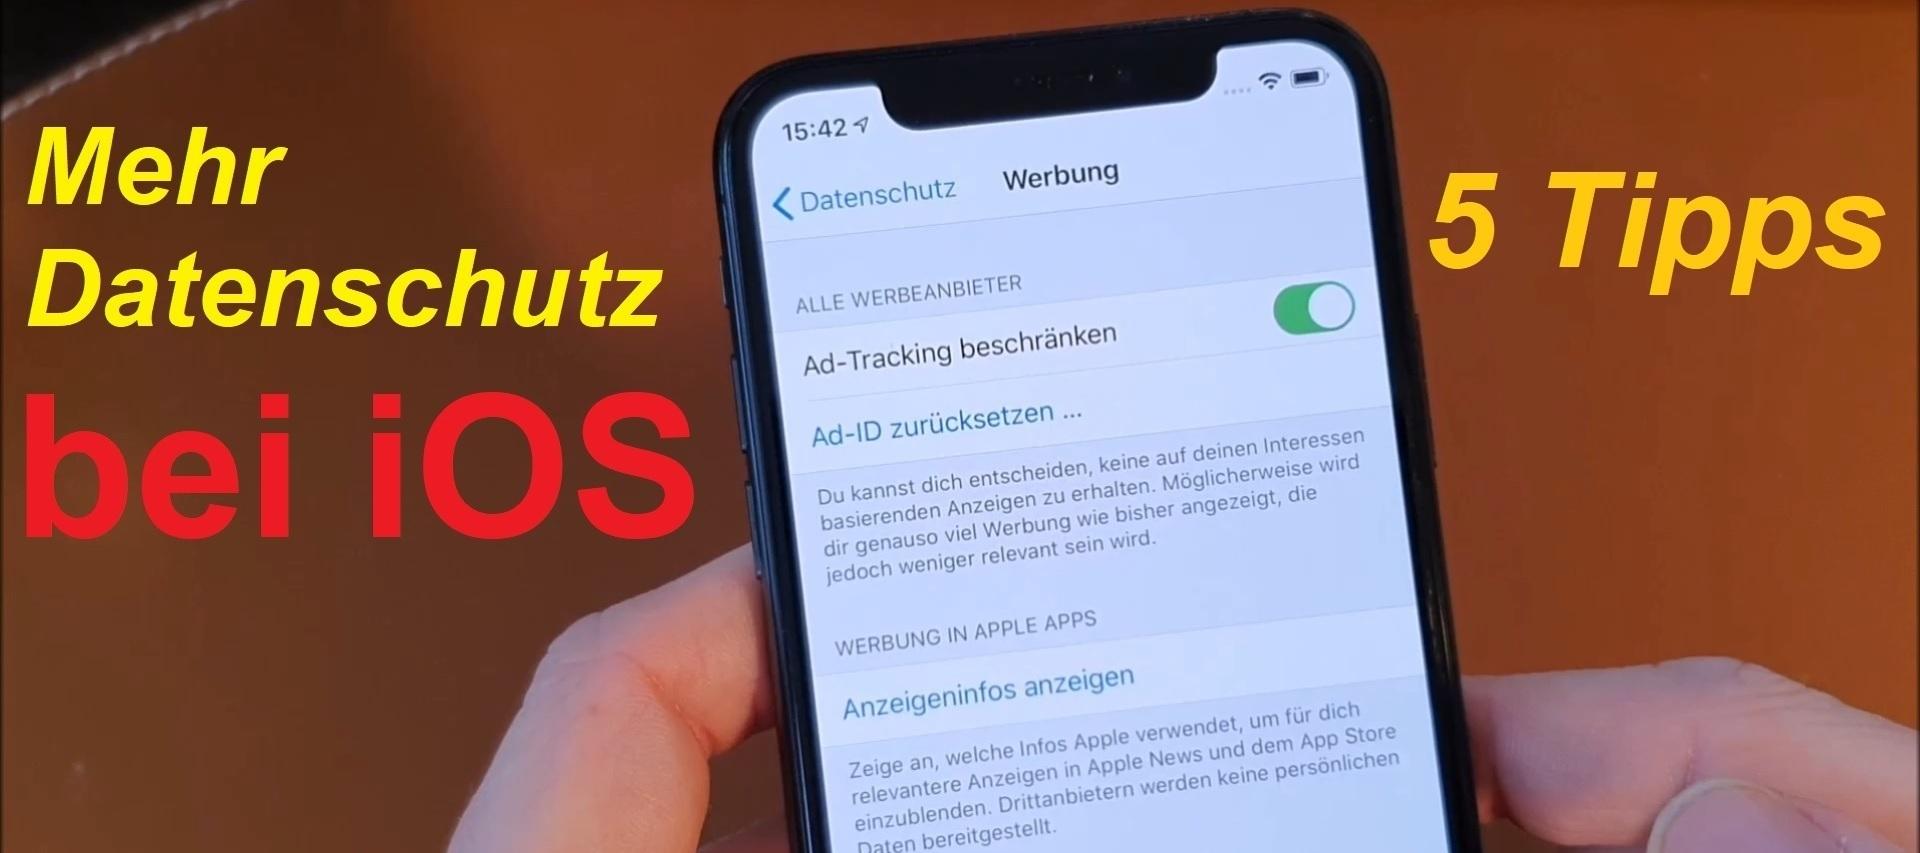 5 Tipps für mehr Datenschutz bei iOS